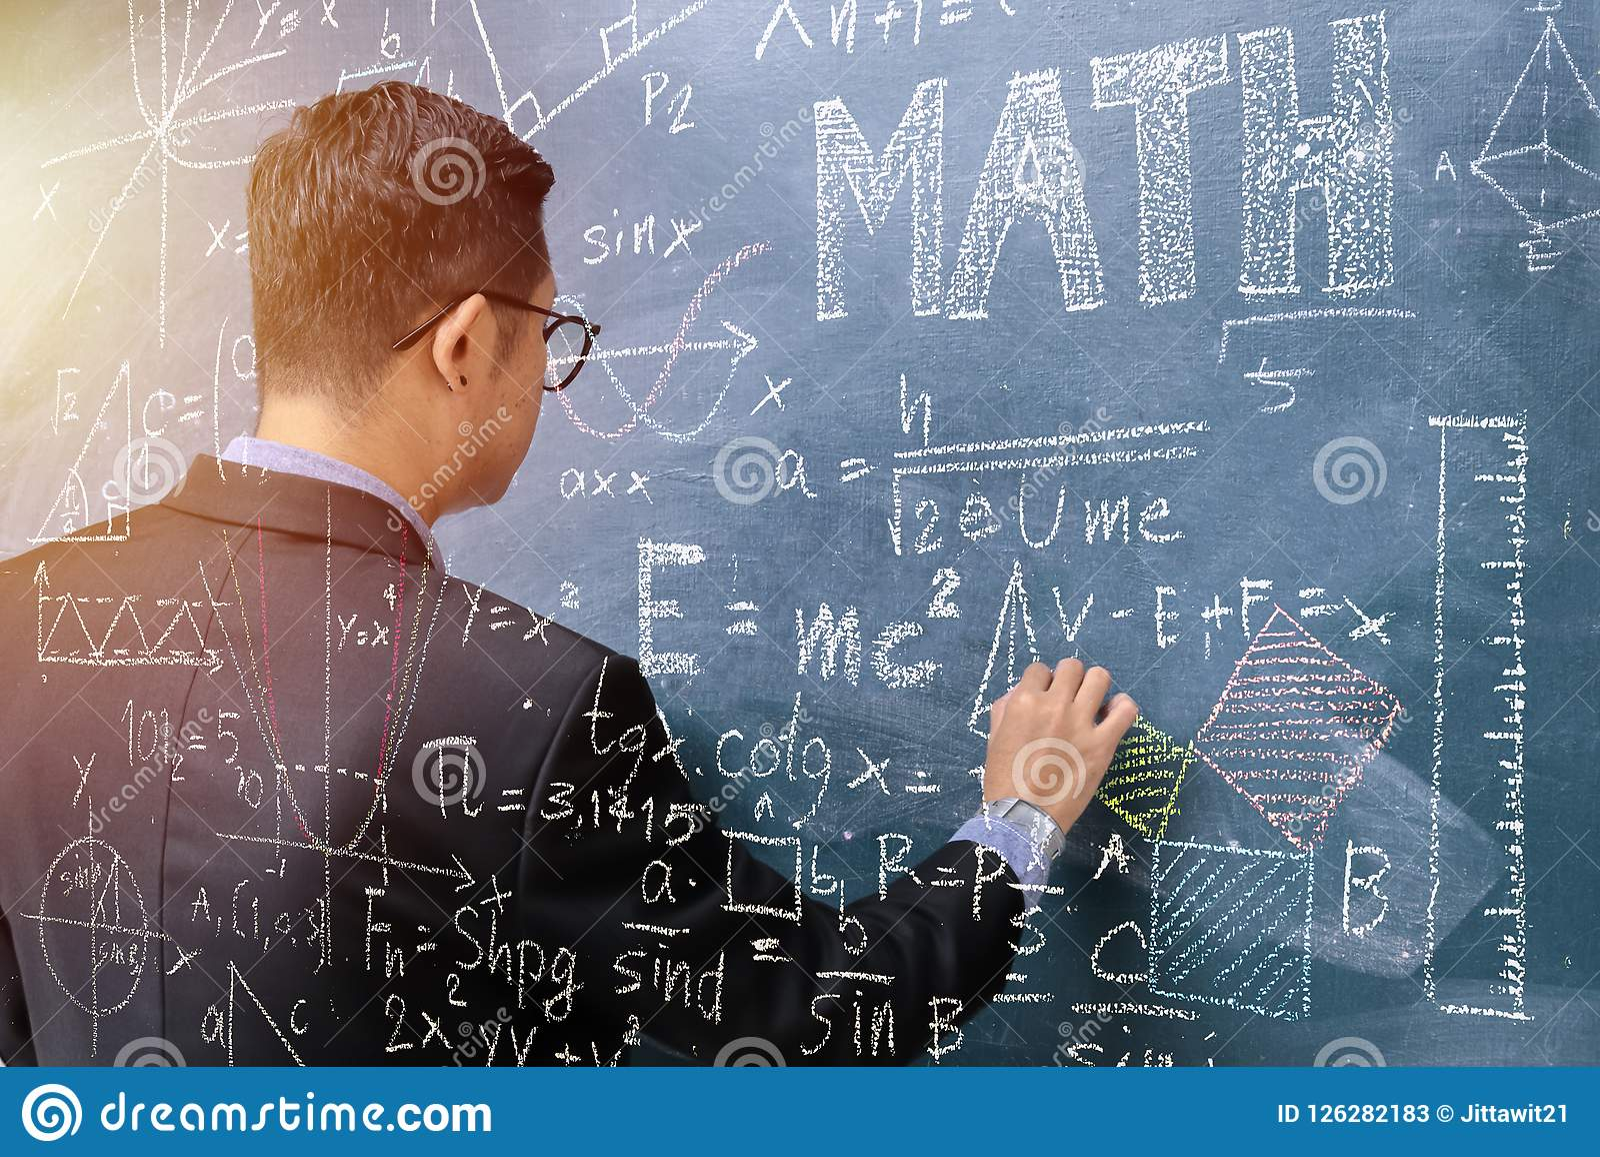 Τα μαθηματικά διδασκαλίας, δεξιά κρατούν την κιμωλία Η γραφική παράσταση δημιουργεί το χαλί